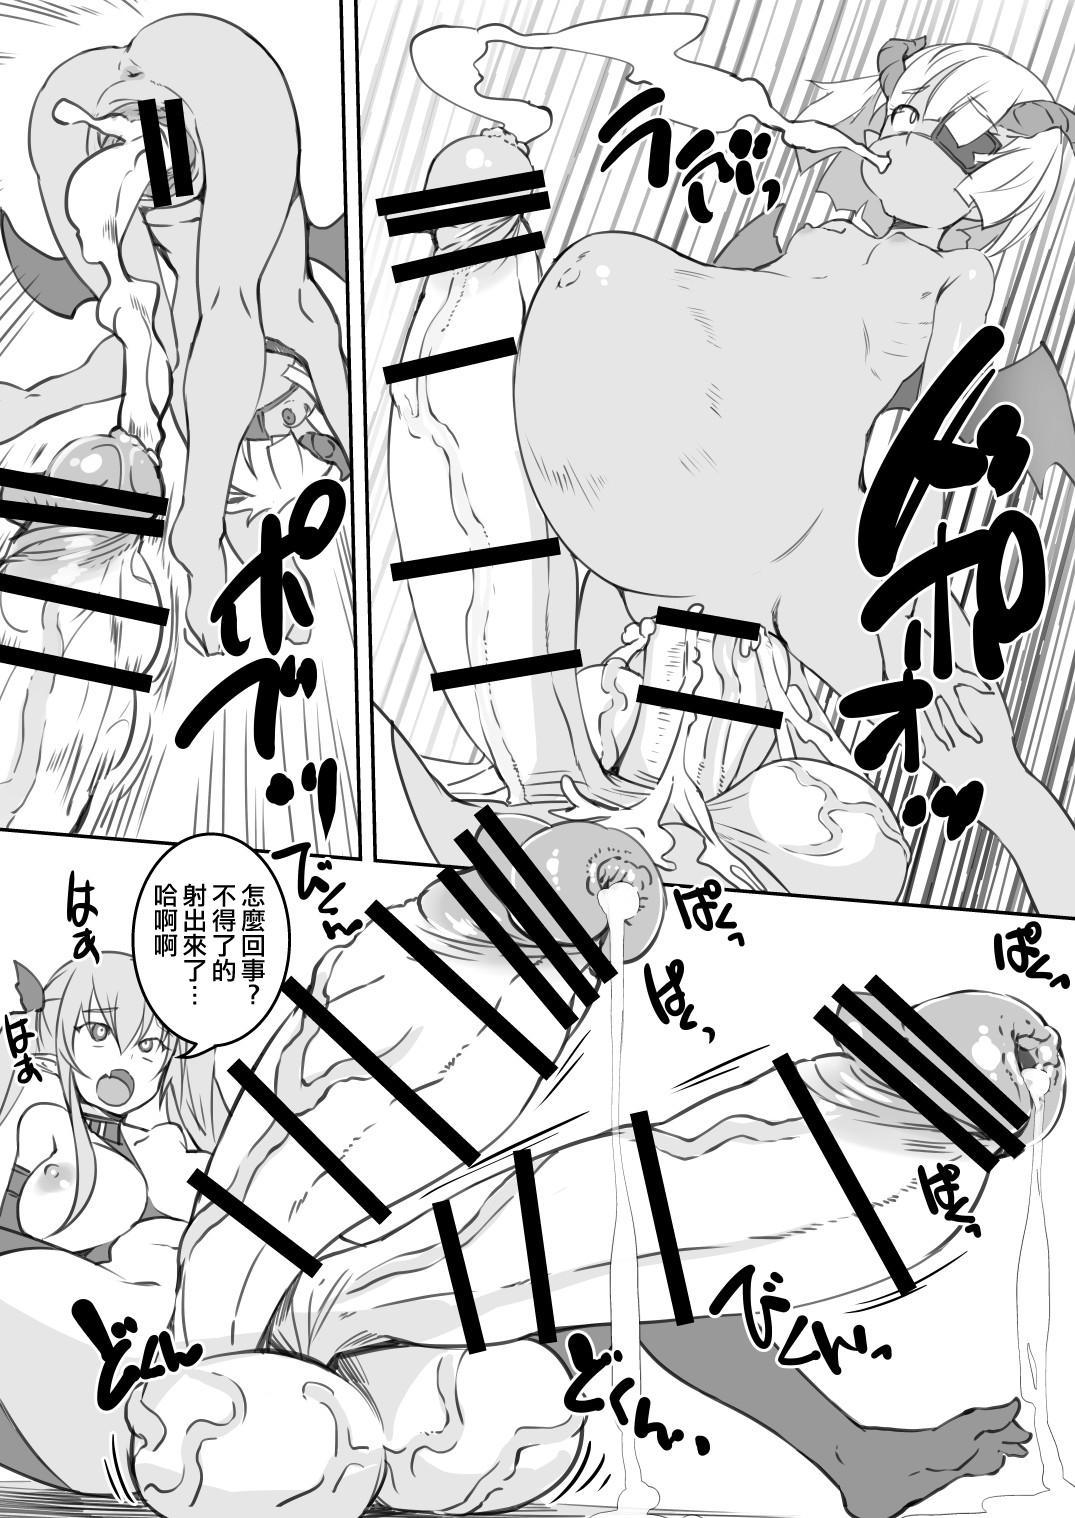 Inma-san no Onaho Jijou 1.5 丨淫魔飛機杯二三事 1.5 11